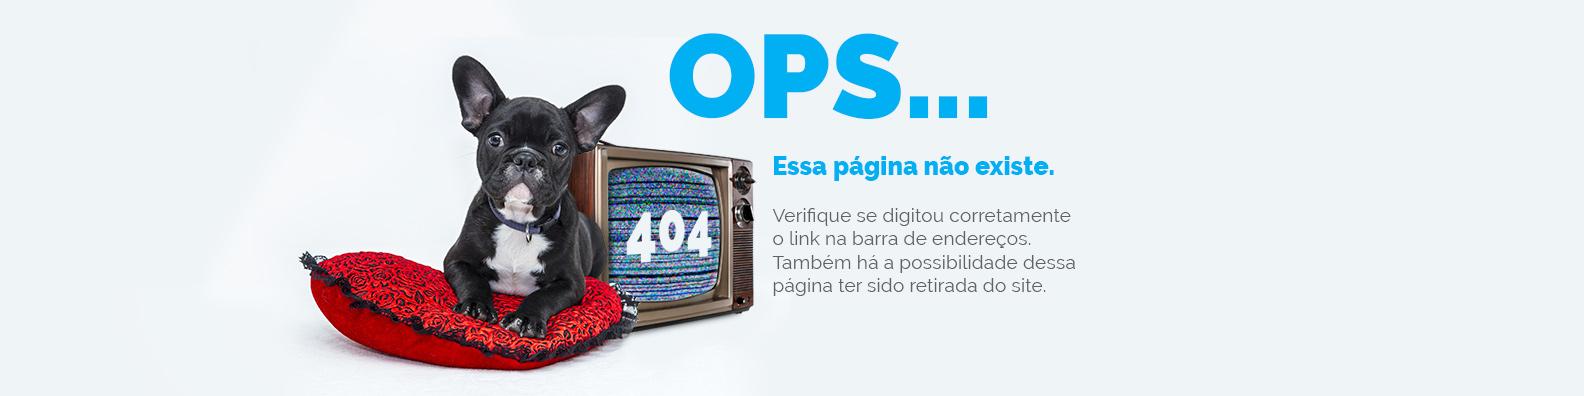 Erro 404, página não encontrada